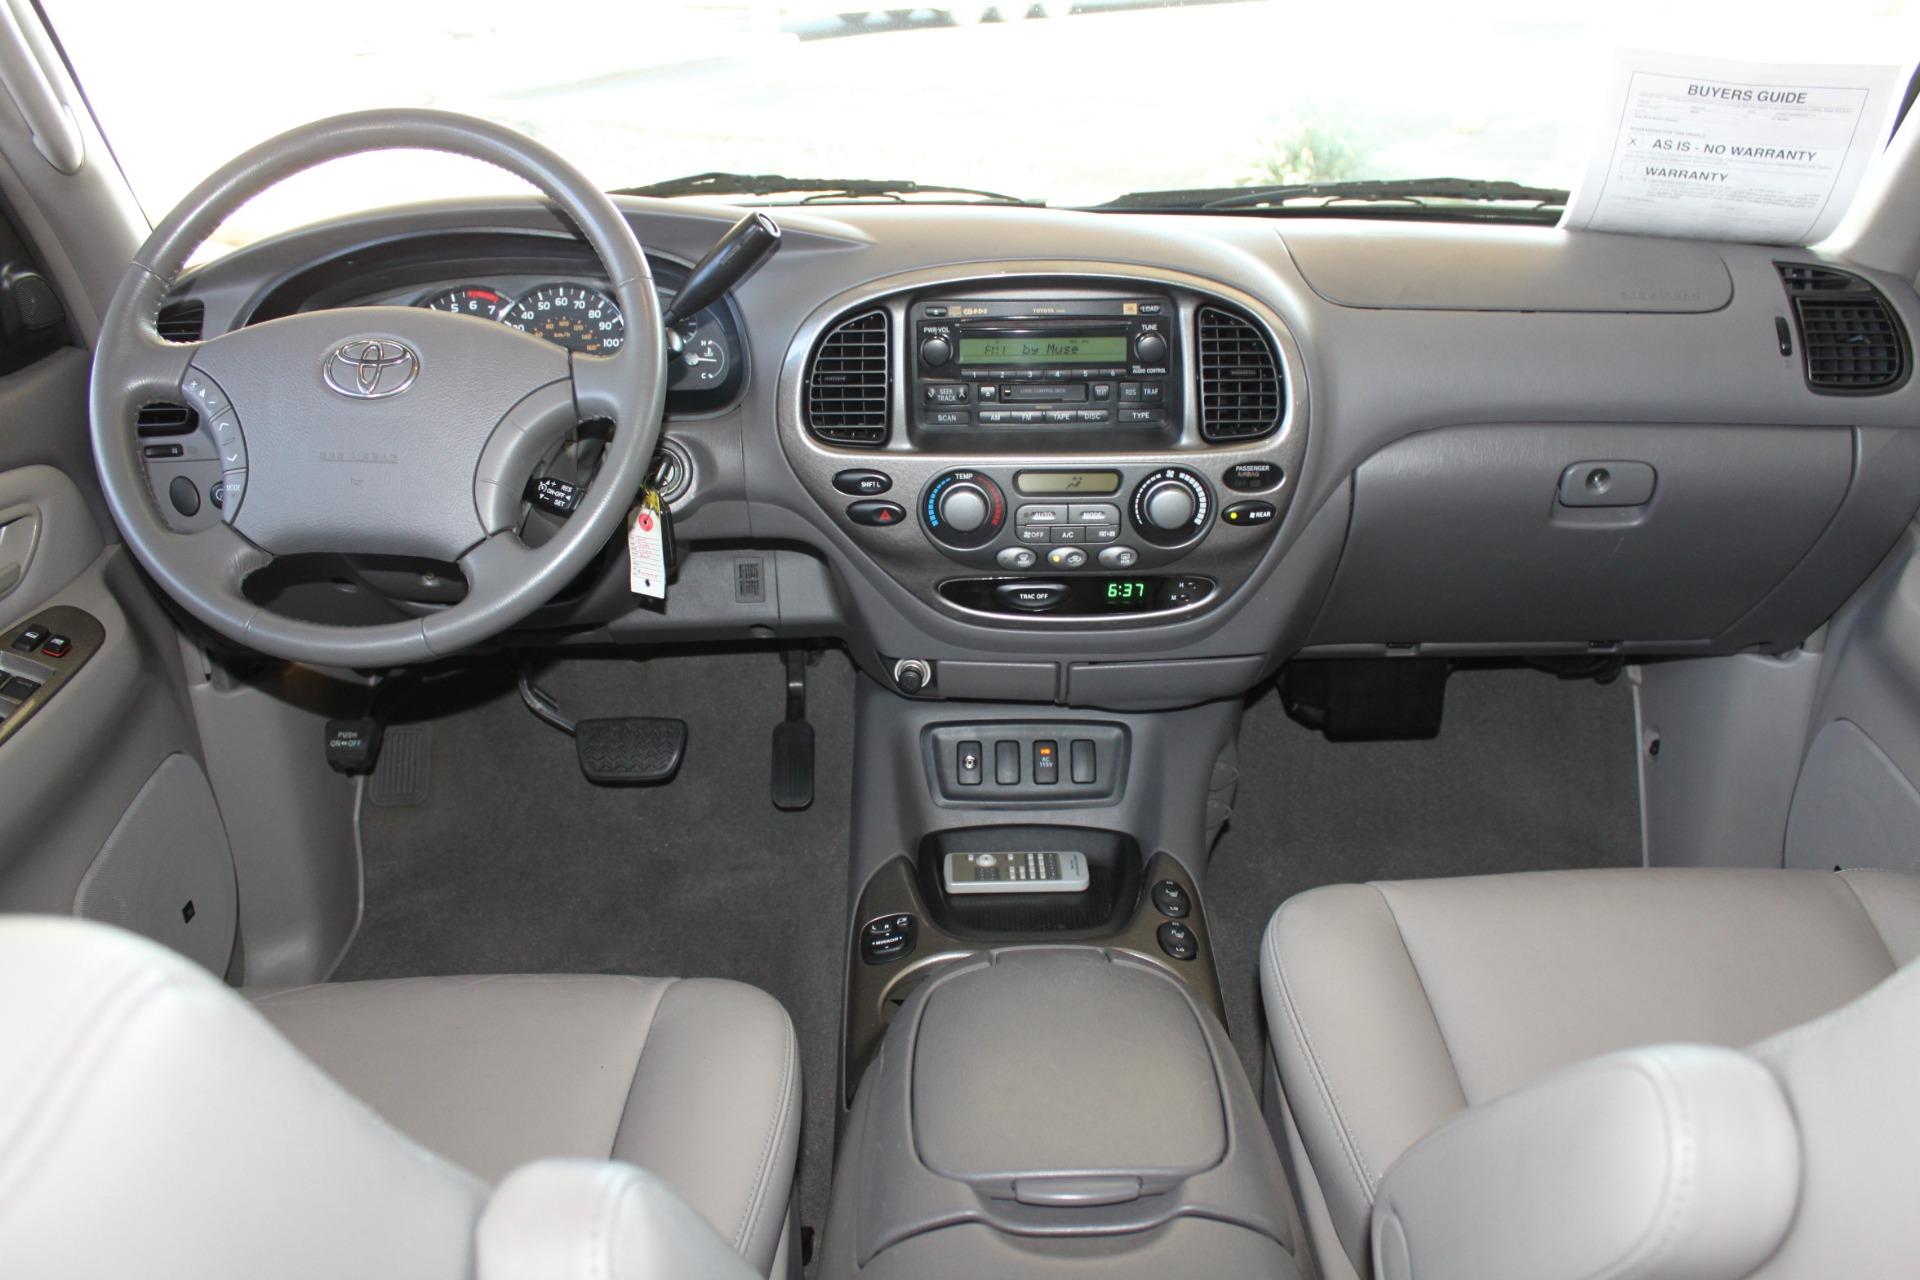 Used-2005-Toyota-Sequoia-Limited-vintage